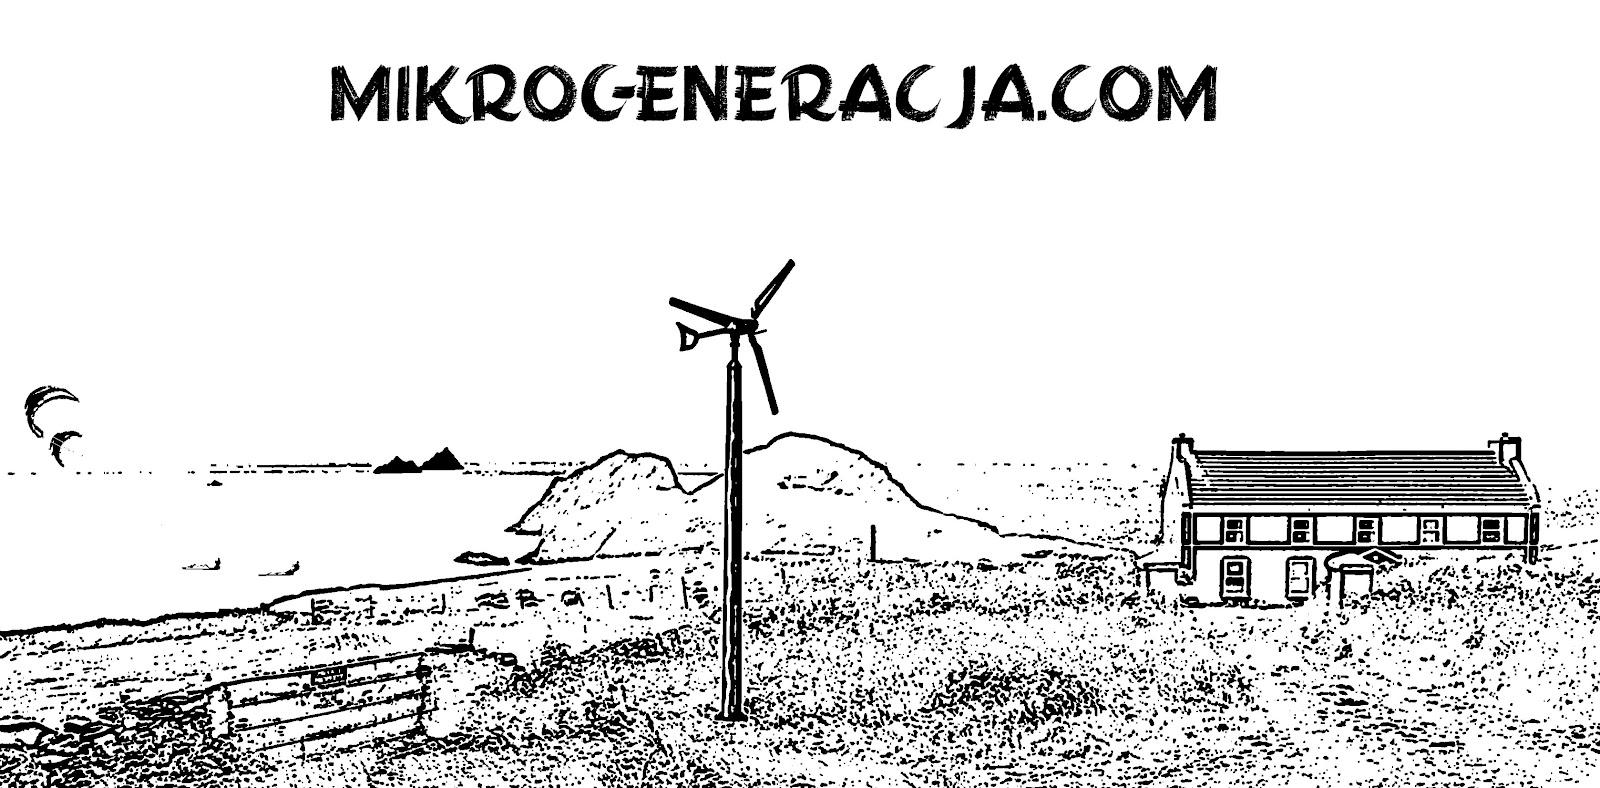 mikro generacja  logo